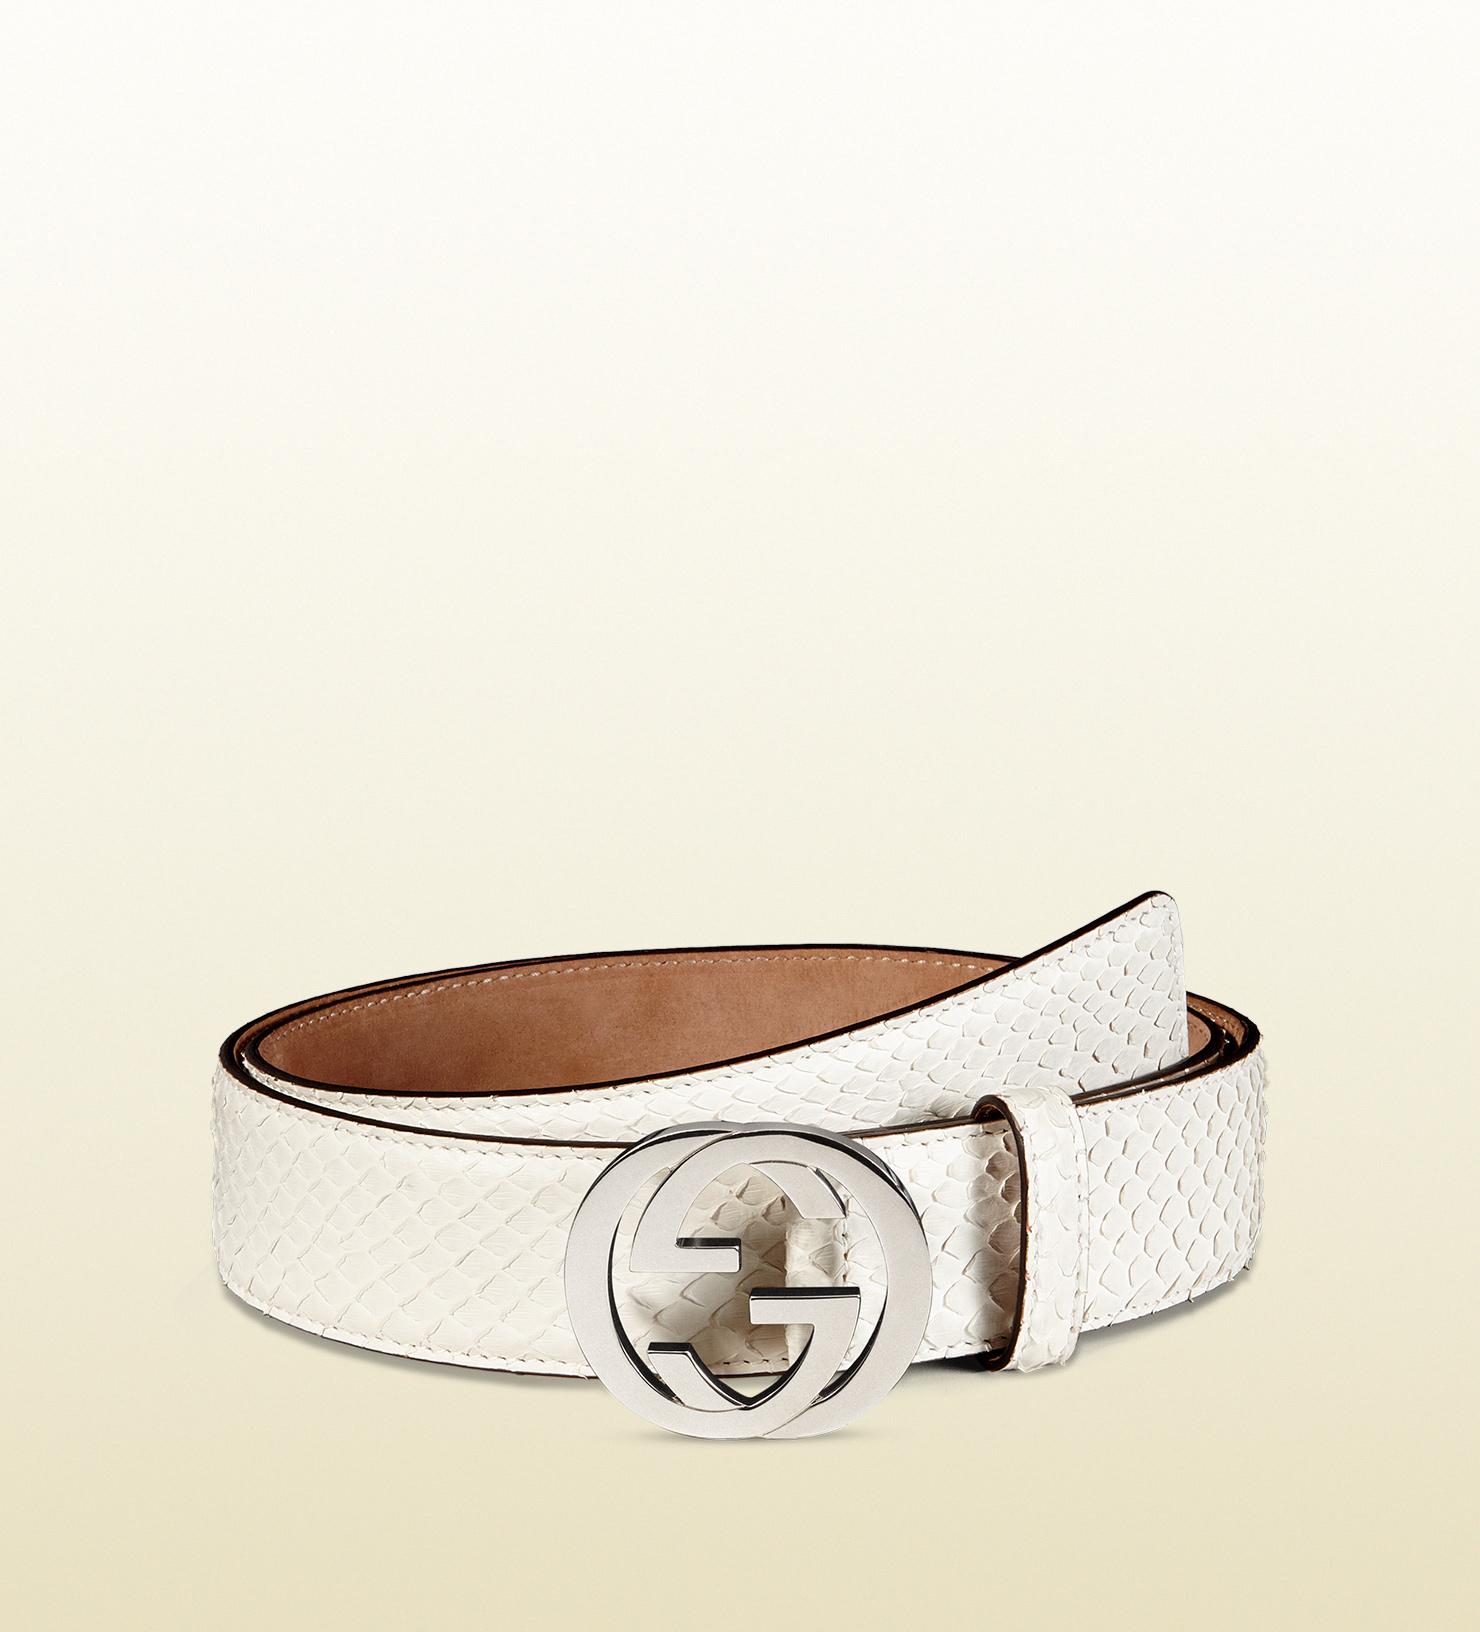 Lyst - Gucci Python Belt With Interlocking G Buckle in White